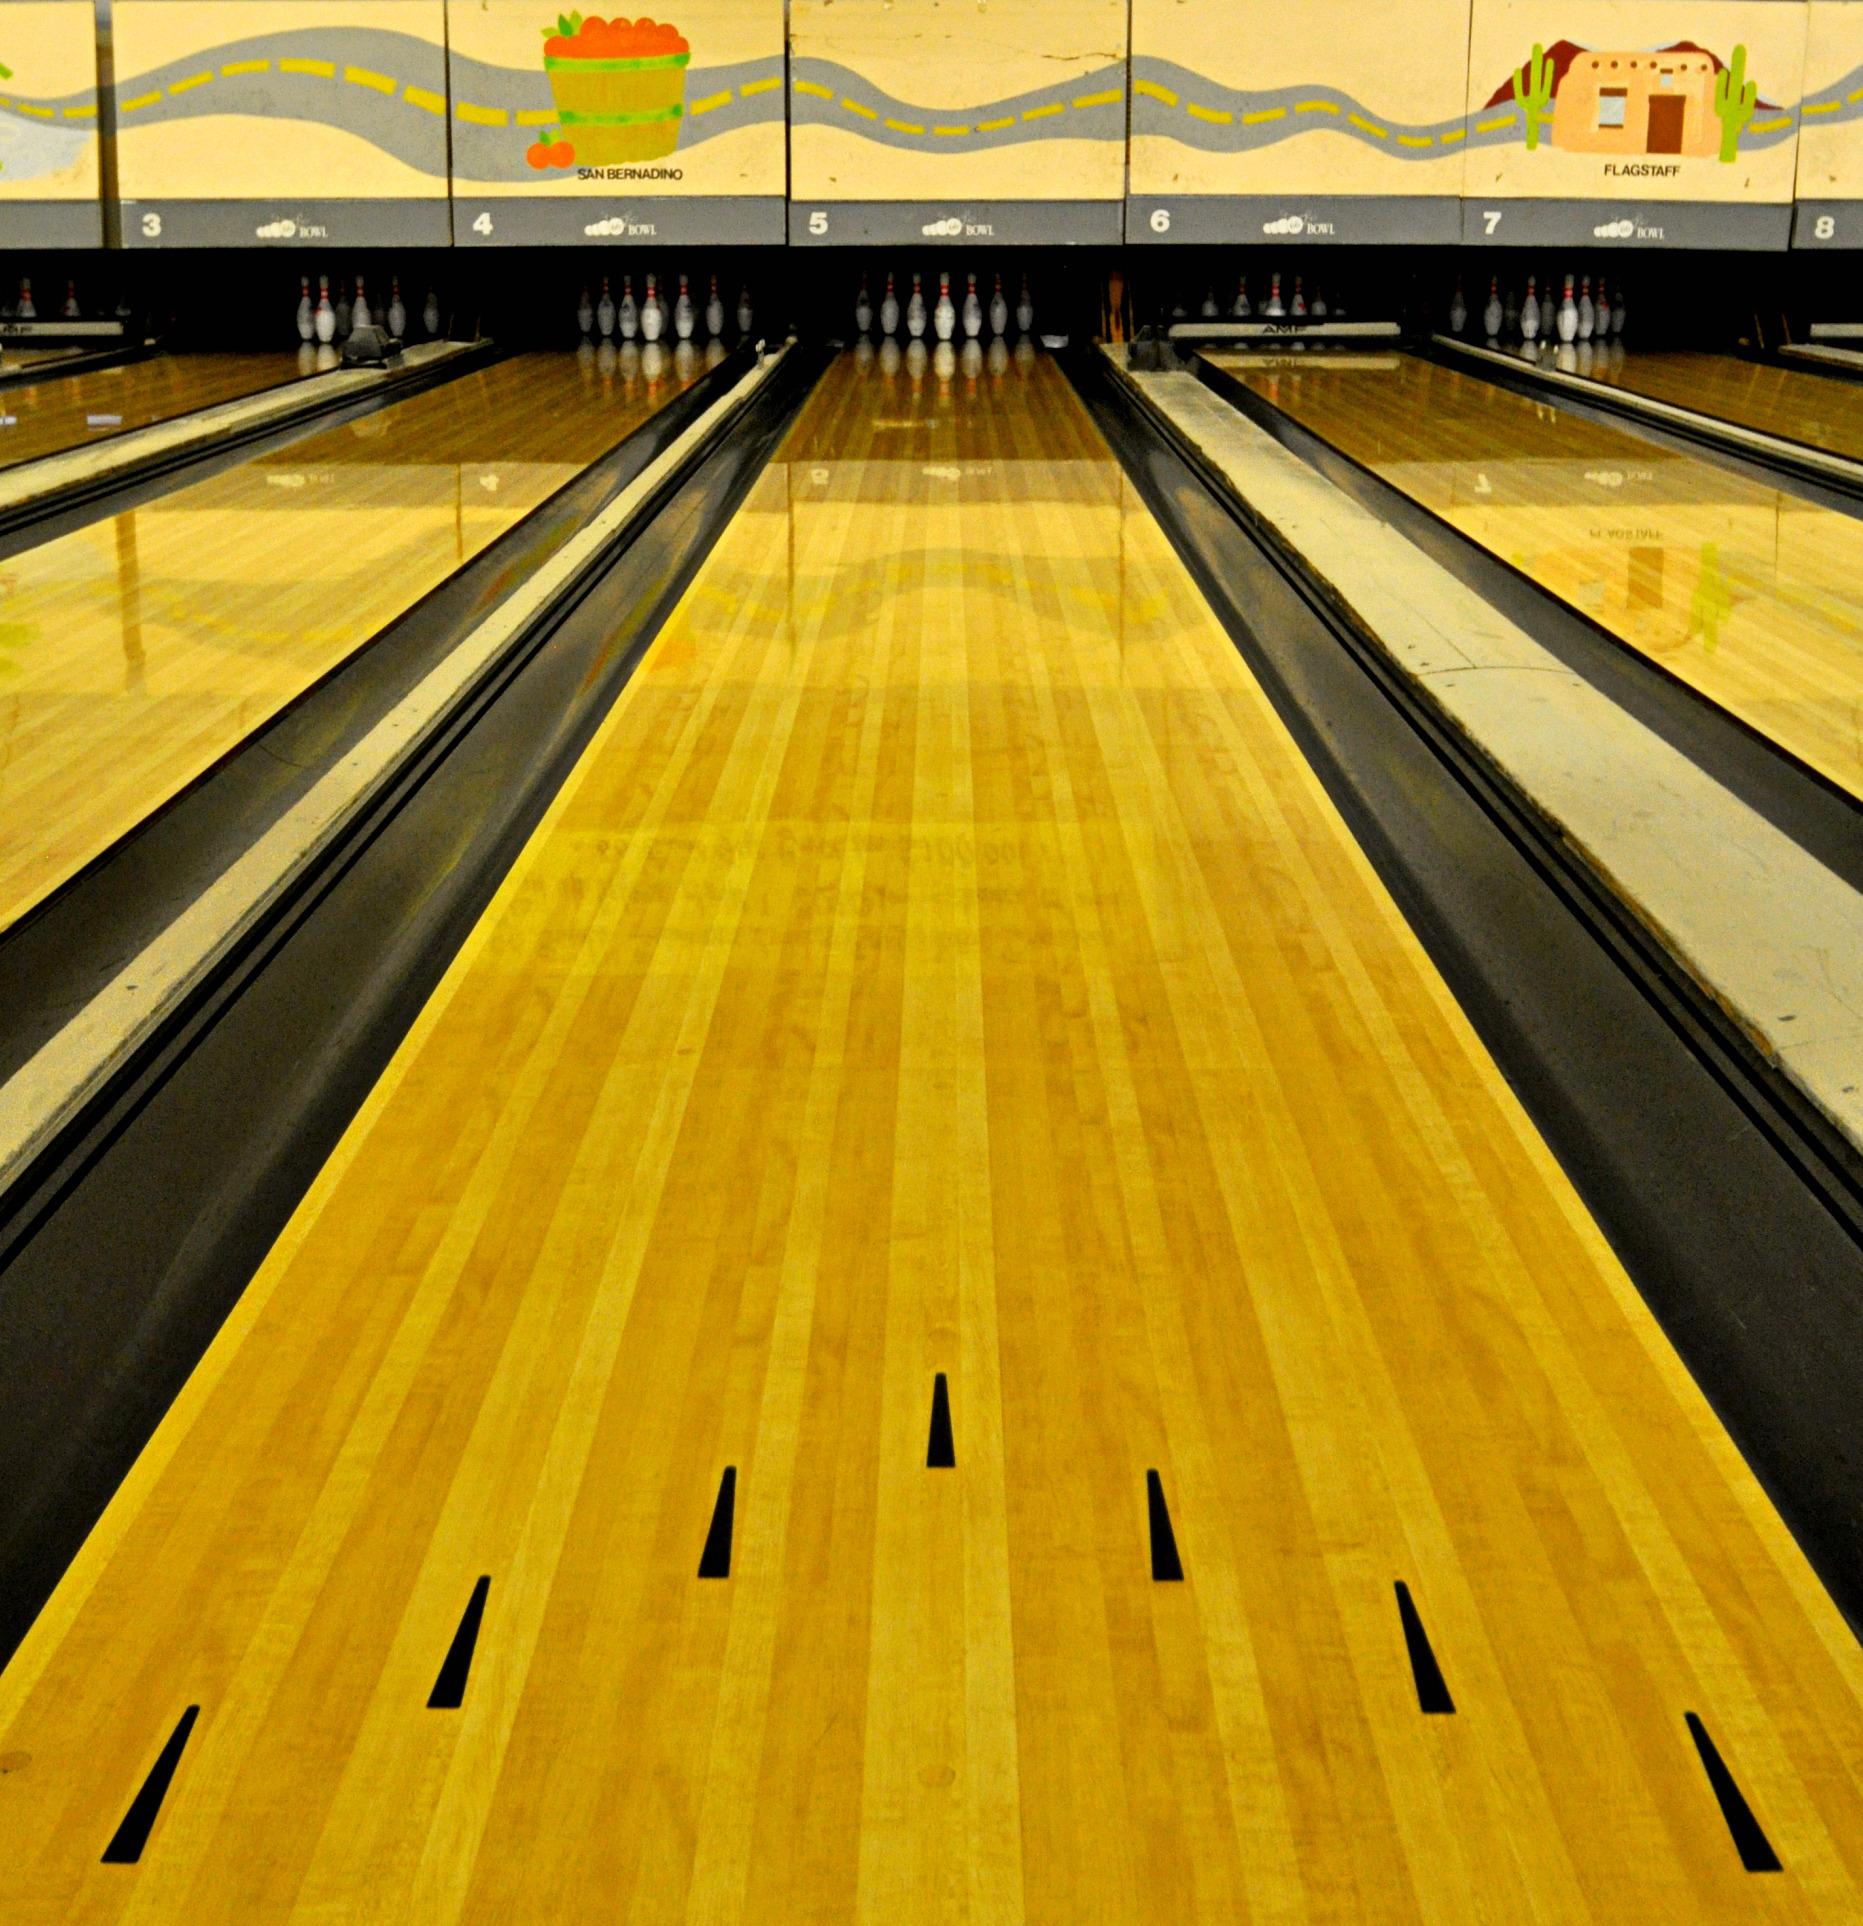 alley kat lane bowling